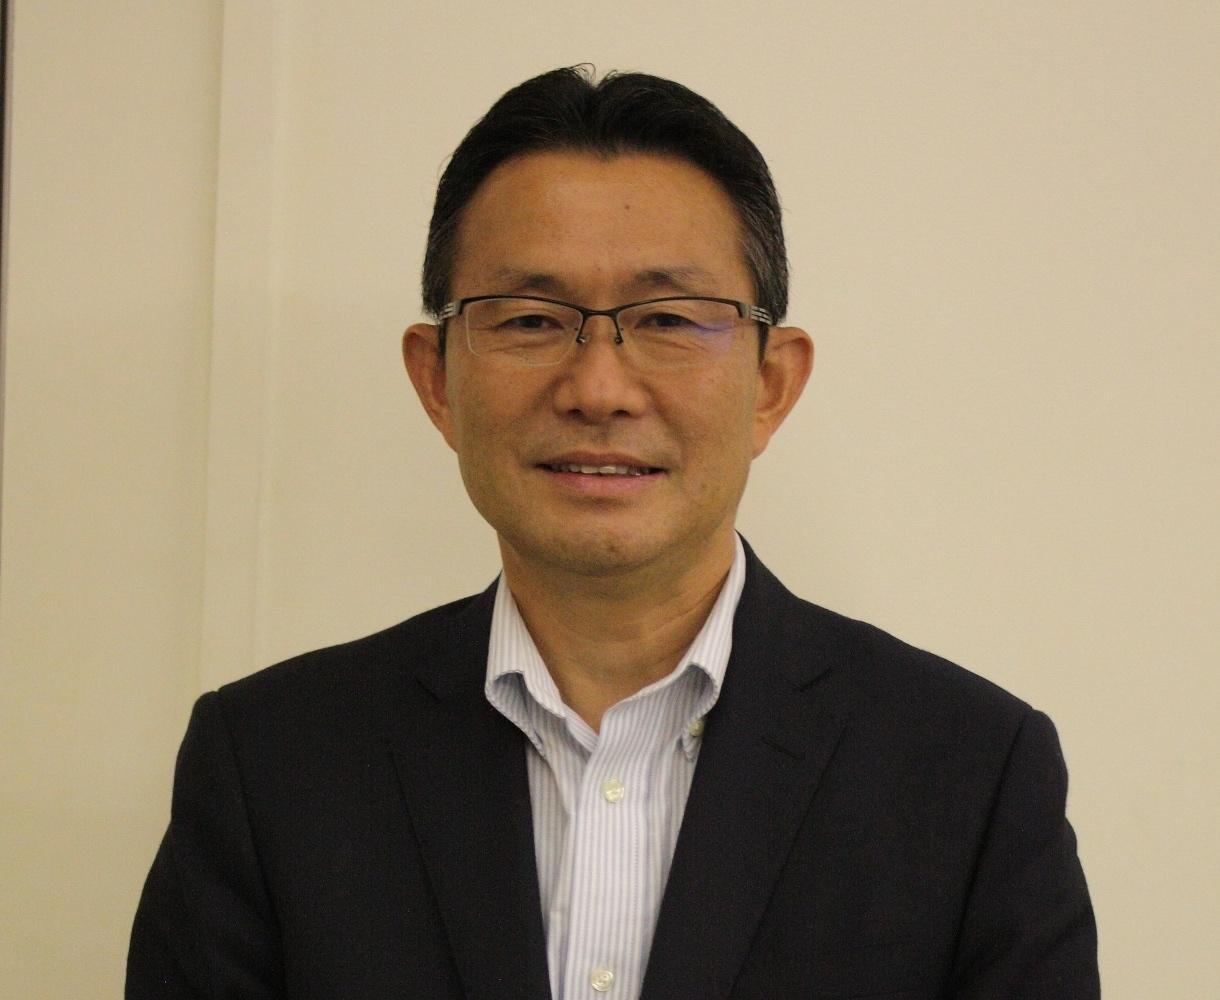 Als alter Hase bereitet Masayasu Ito den Martstart der Ps4 Pro und PSVR bei Sony vor.